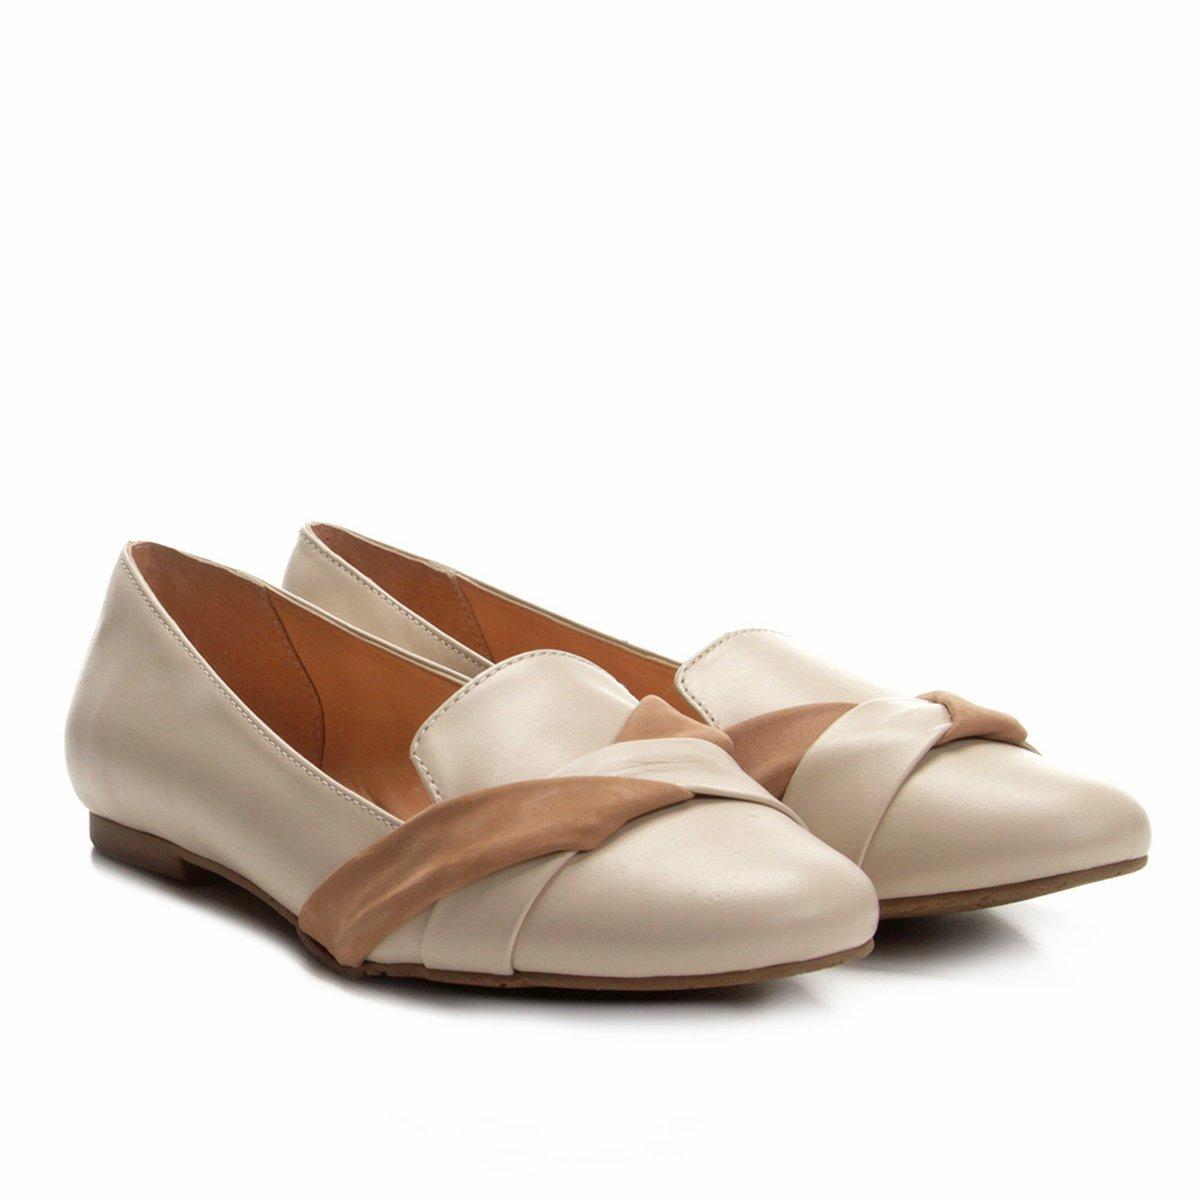 Feminino Slipper Nude Bicolor Couro Slipper Shoestock Shoestock Feminino Nude Bicolor Slipper Couro vCgOwxAOqH